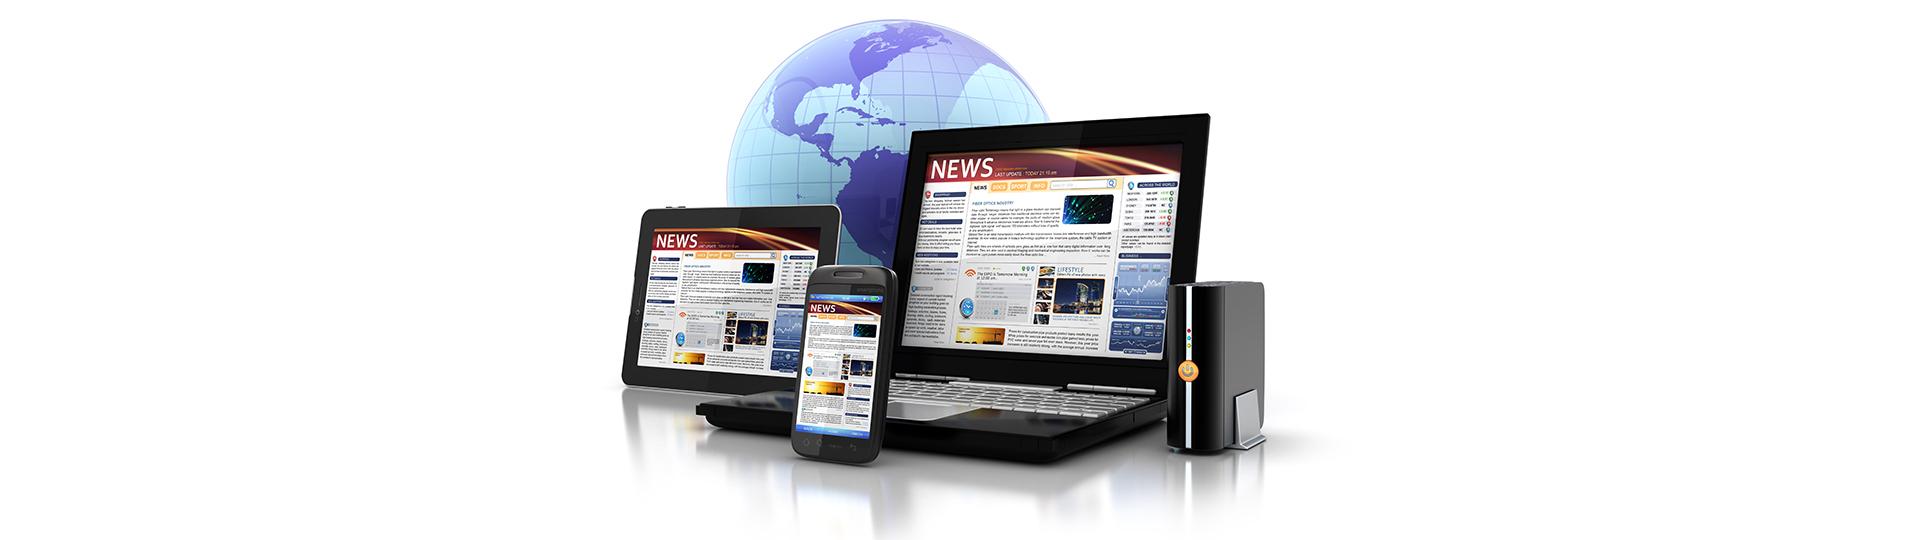 Mobile And Desktop Web Developer Responsive Web Design